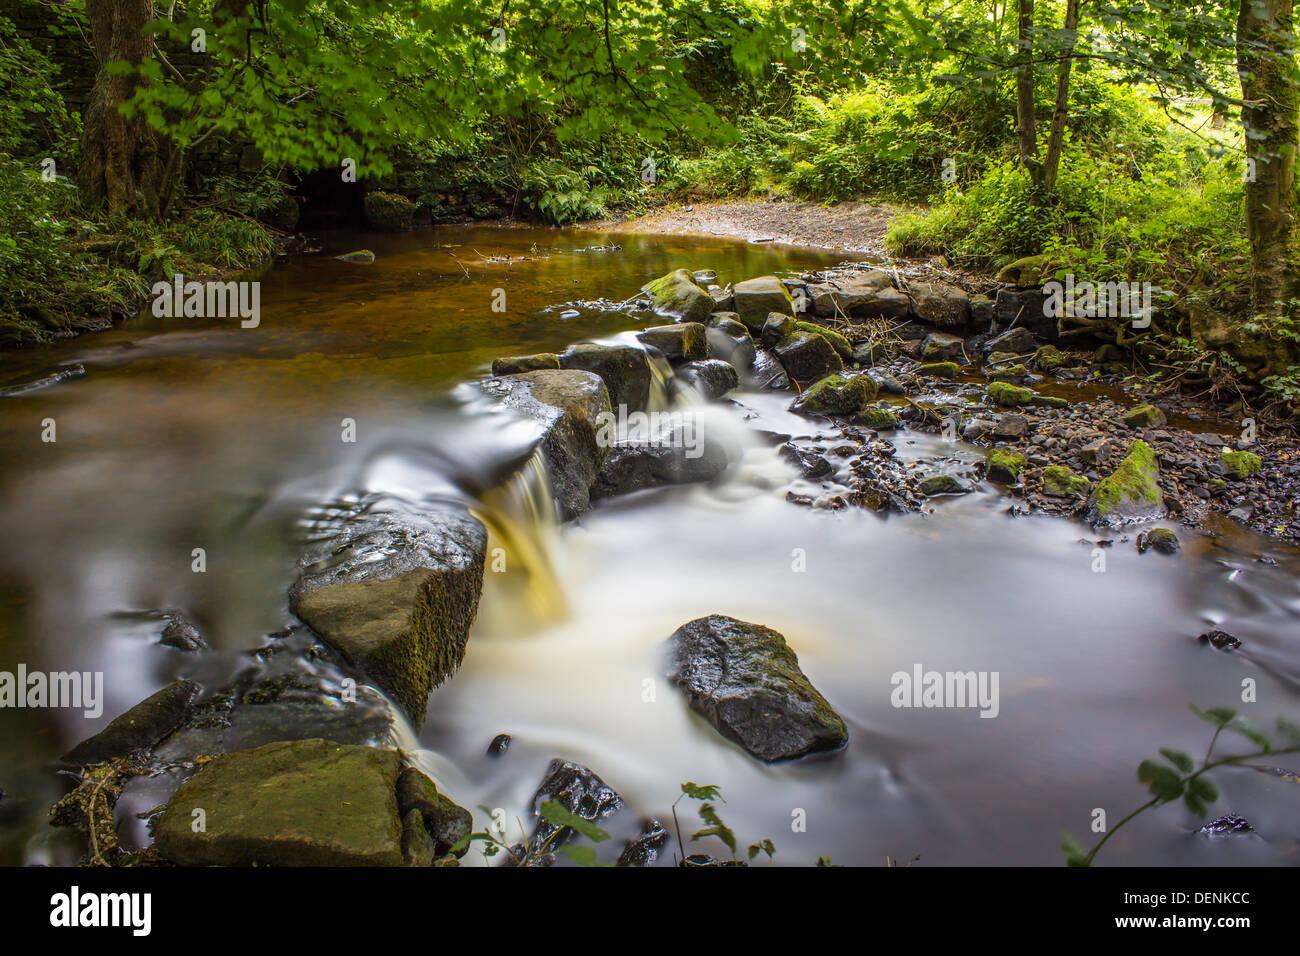 L'exposition à long shot de la rivière qu'il dégringole à travers Rivelin la vallée Rivelin à Sheffield. Banque D'Images